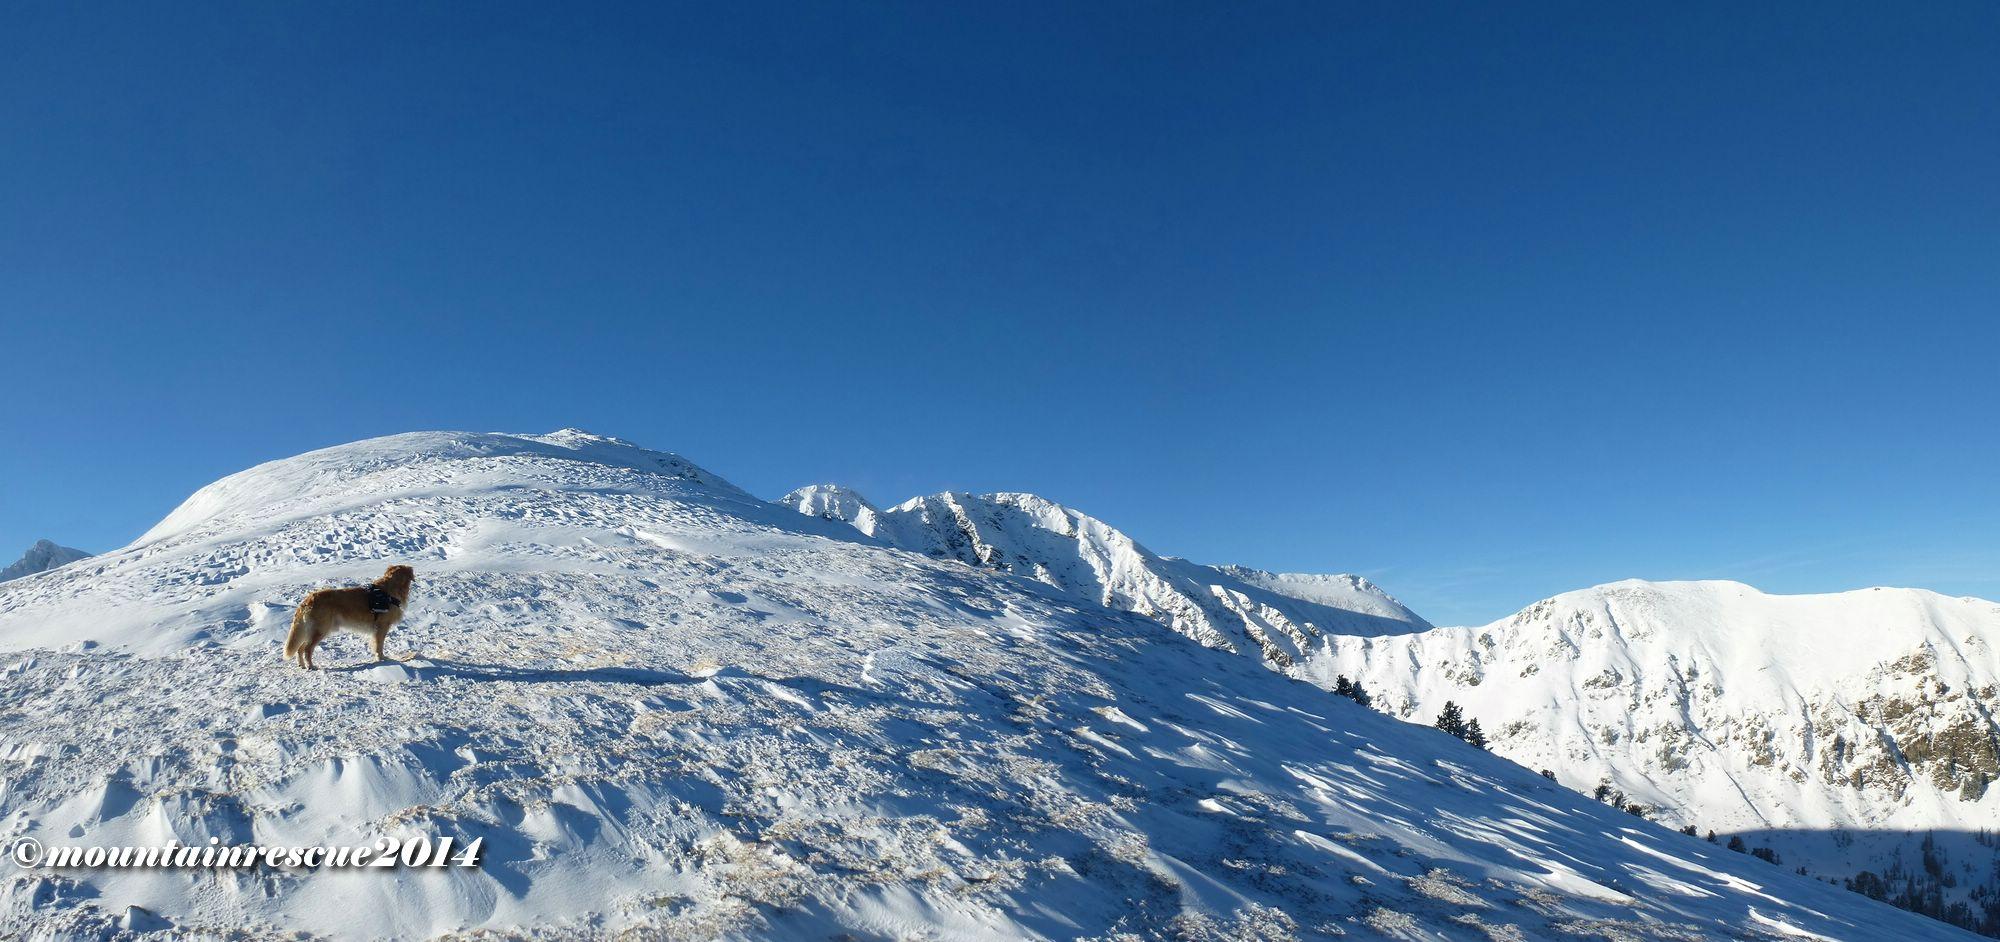 Langes, flaches, abgeblasenes Stück vor dem Gipfel